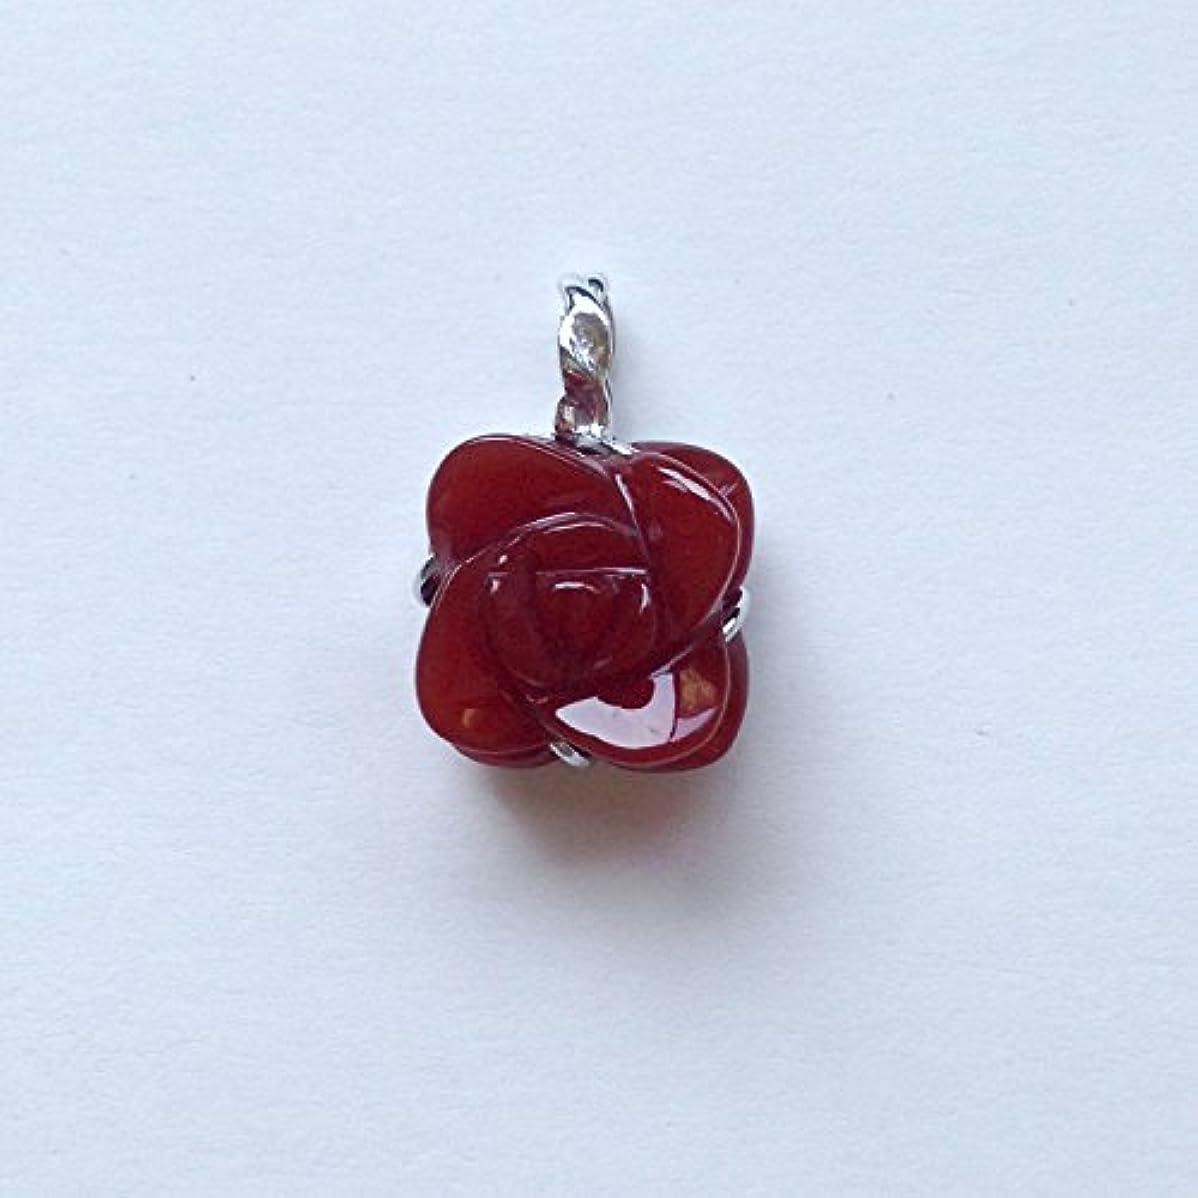 レキシコン気難しい折香る宝石SV赤メノウペンダント通常¥26,800の所 (Ag925)